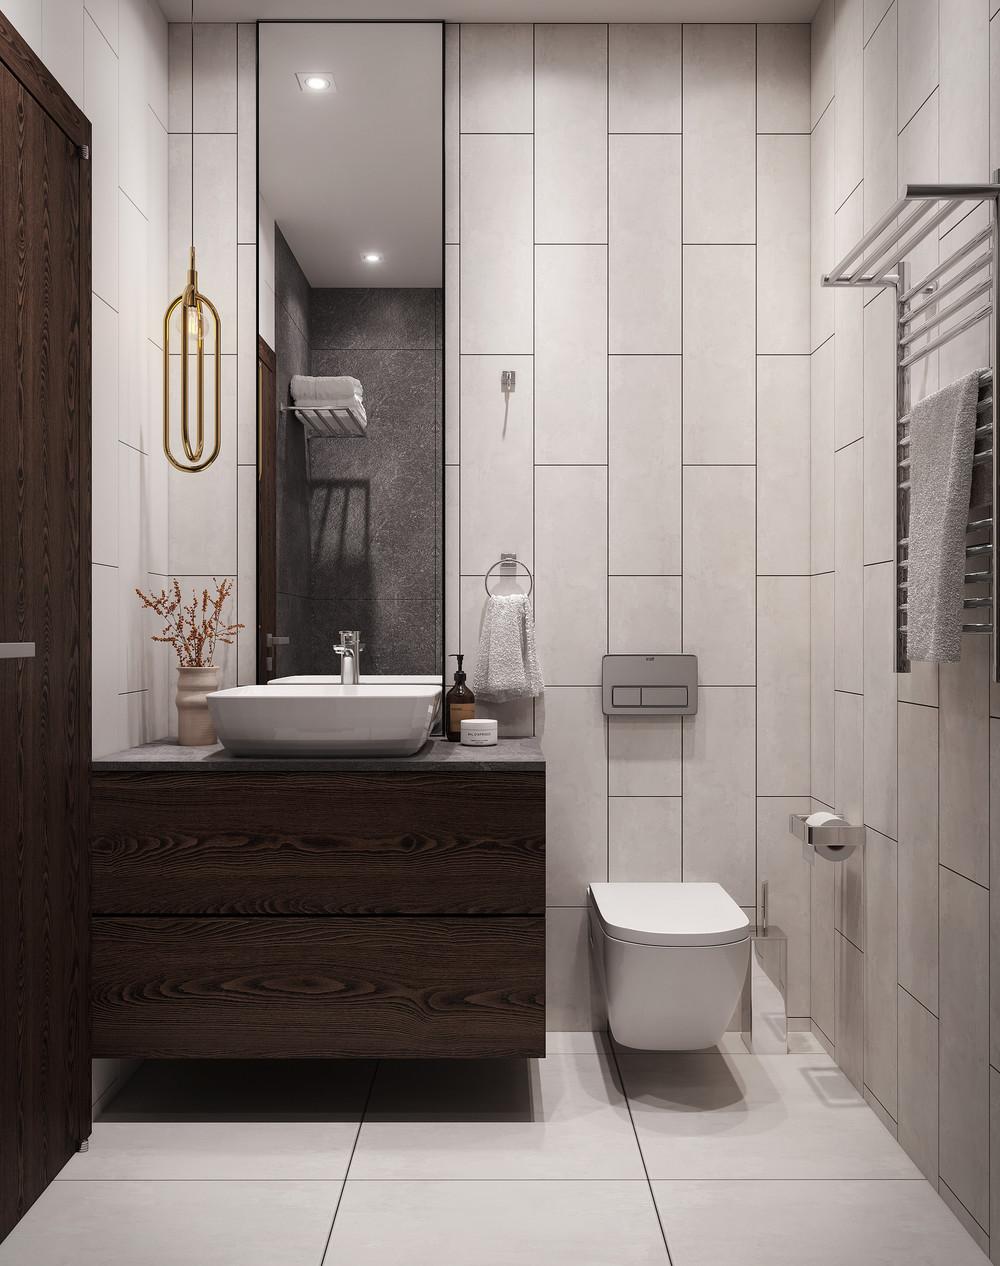 Потрясающий сдержанный дизайн ванной комнаты